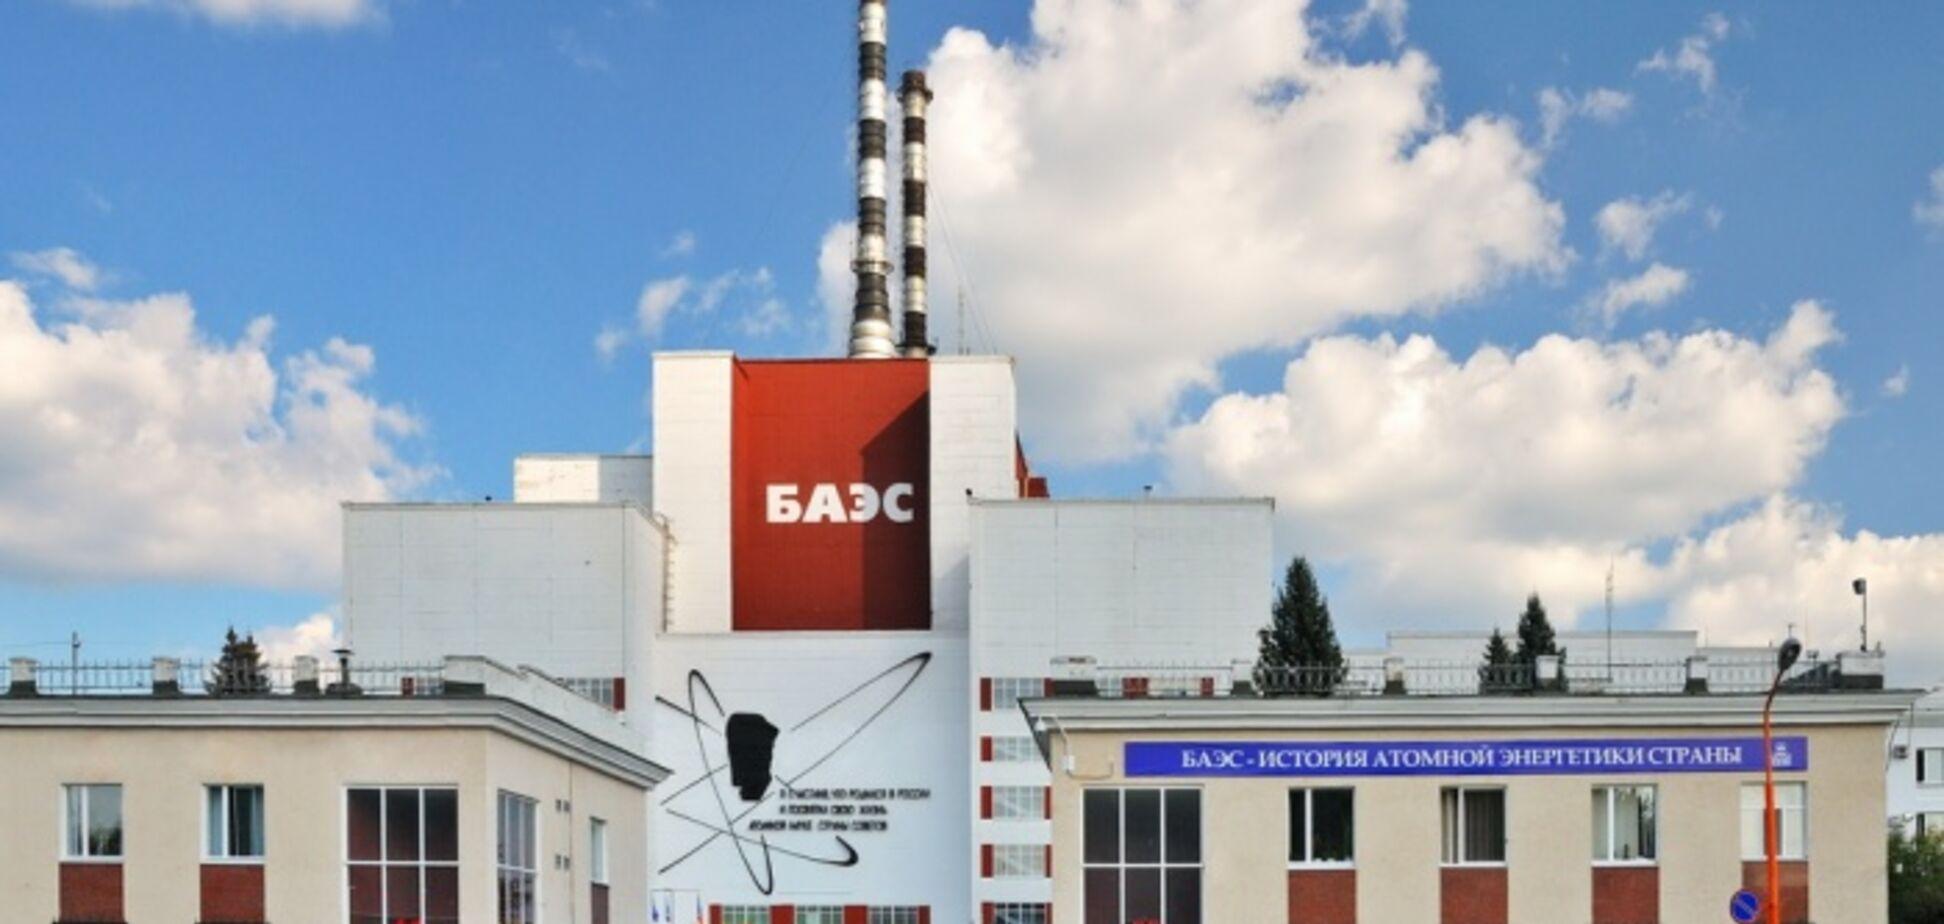 ЧП на АЭС в России: в Украине оценили опасность второго Чернобыля